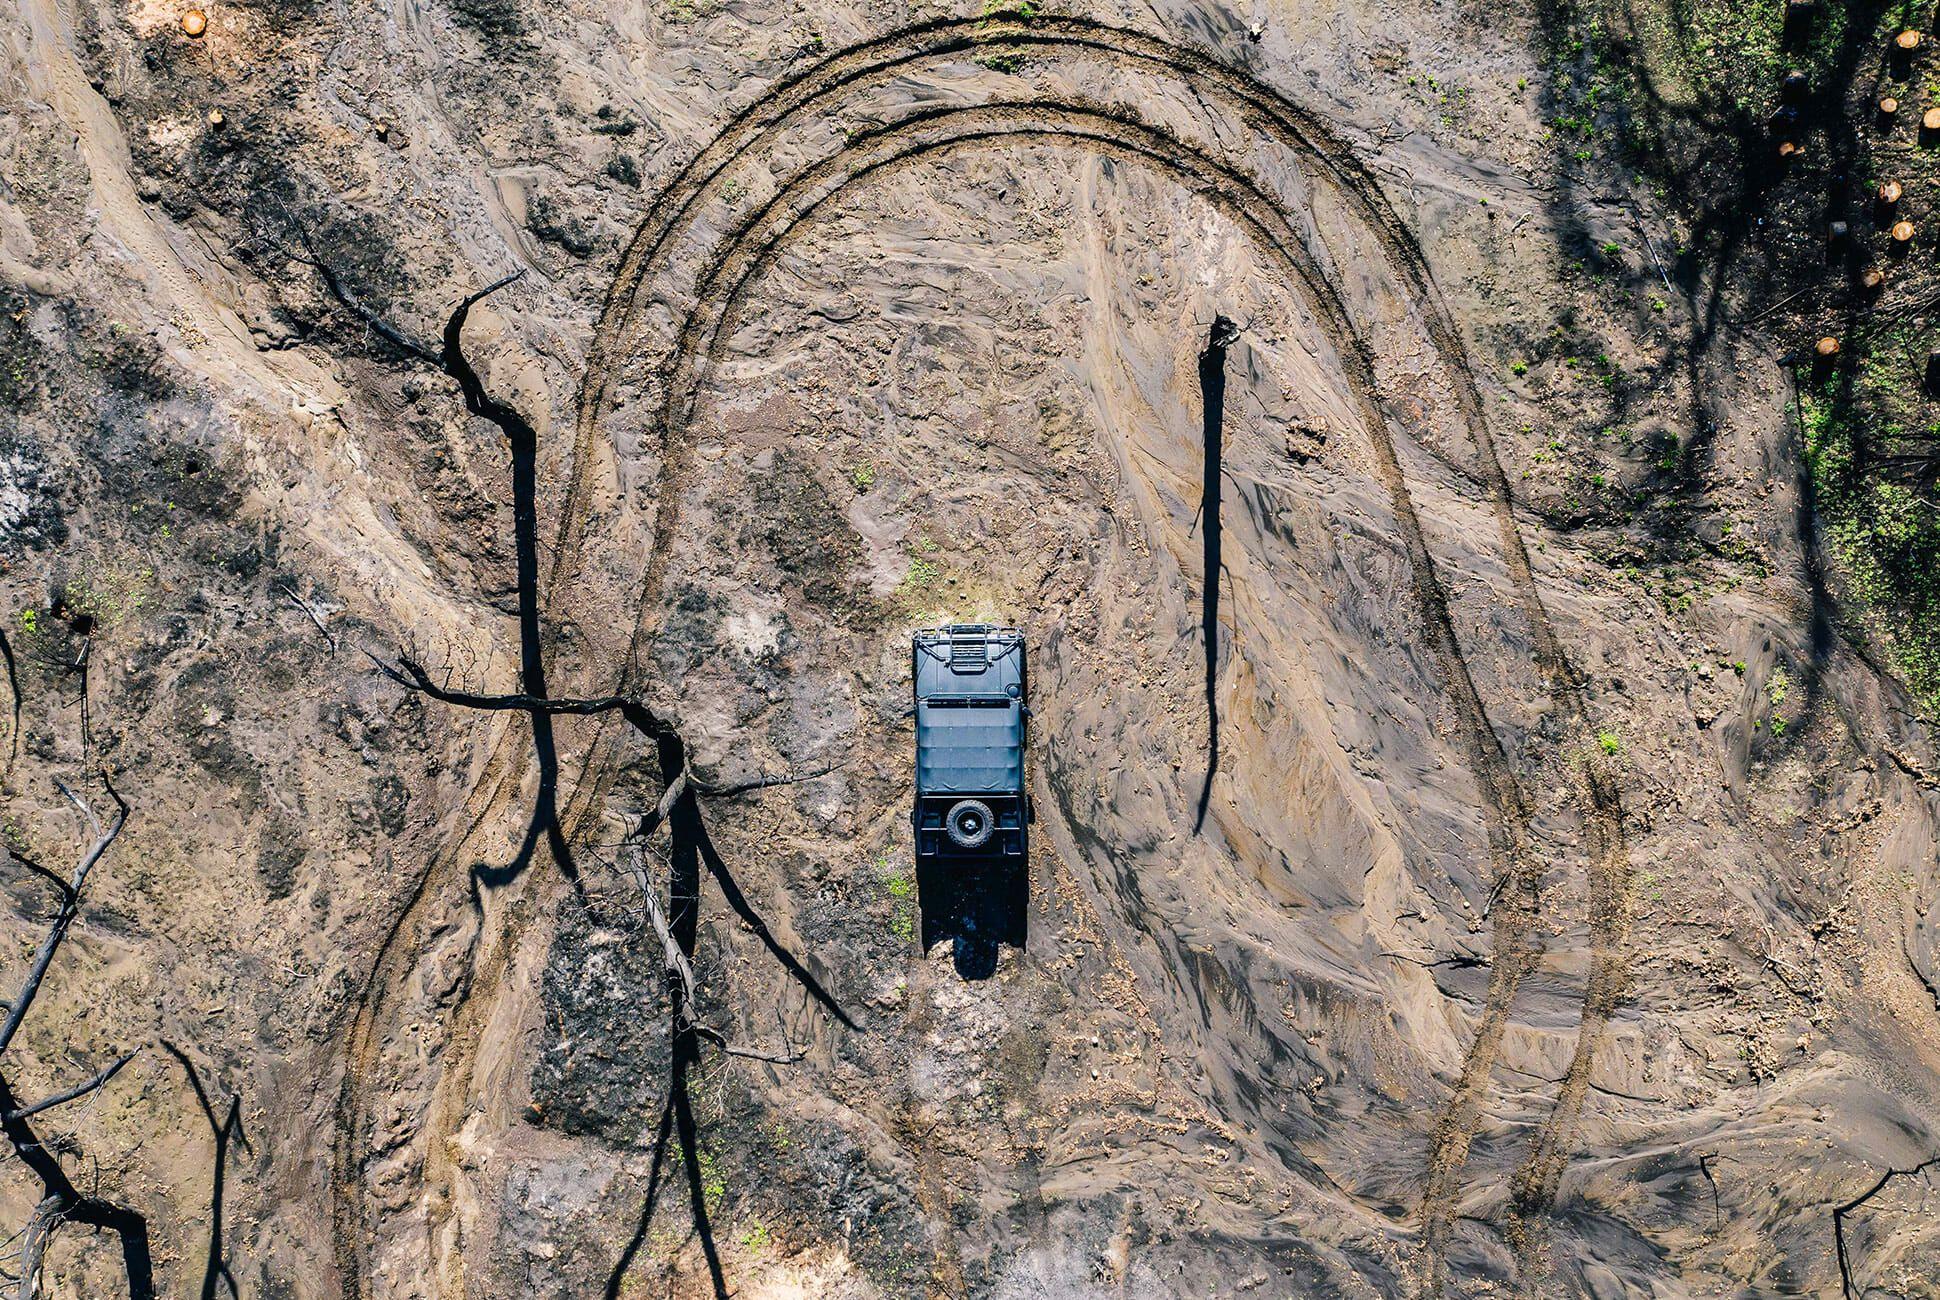 Mil-Spec-Automotive-Hummer-H1-gear-patrol-slide-6